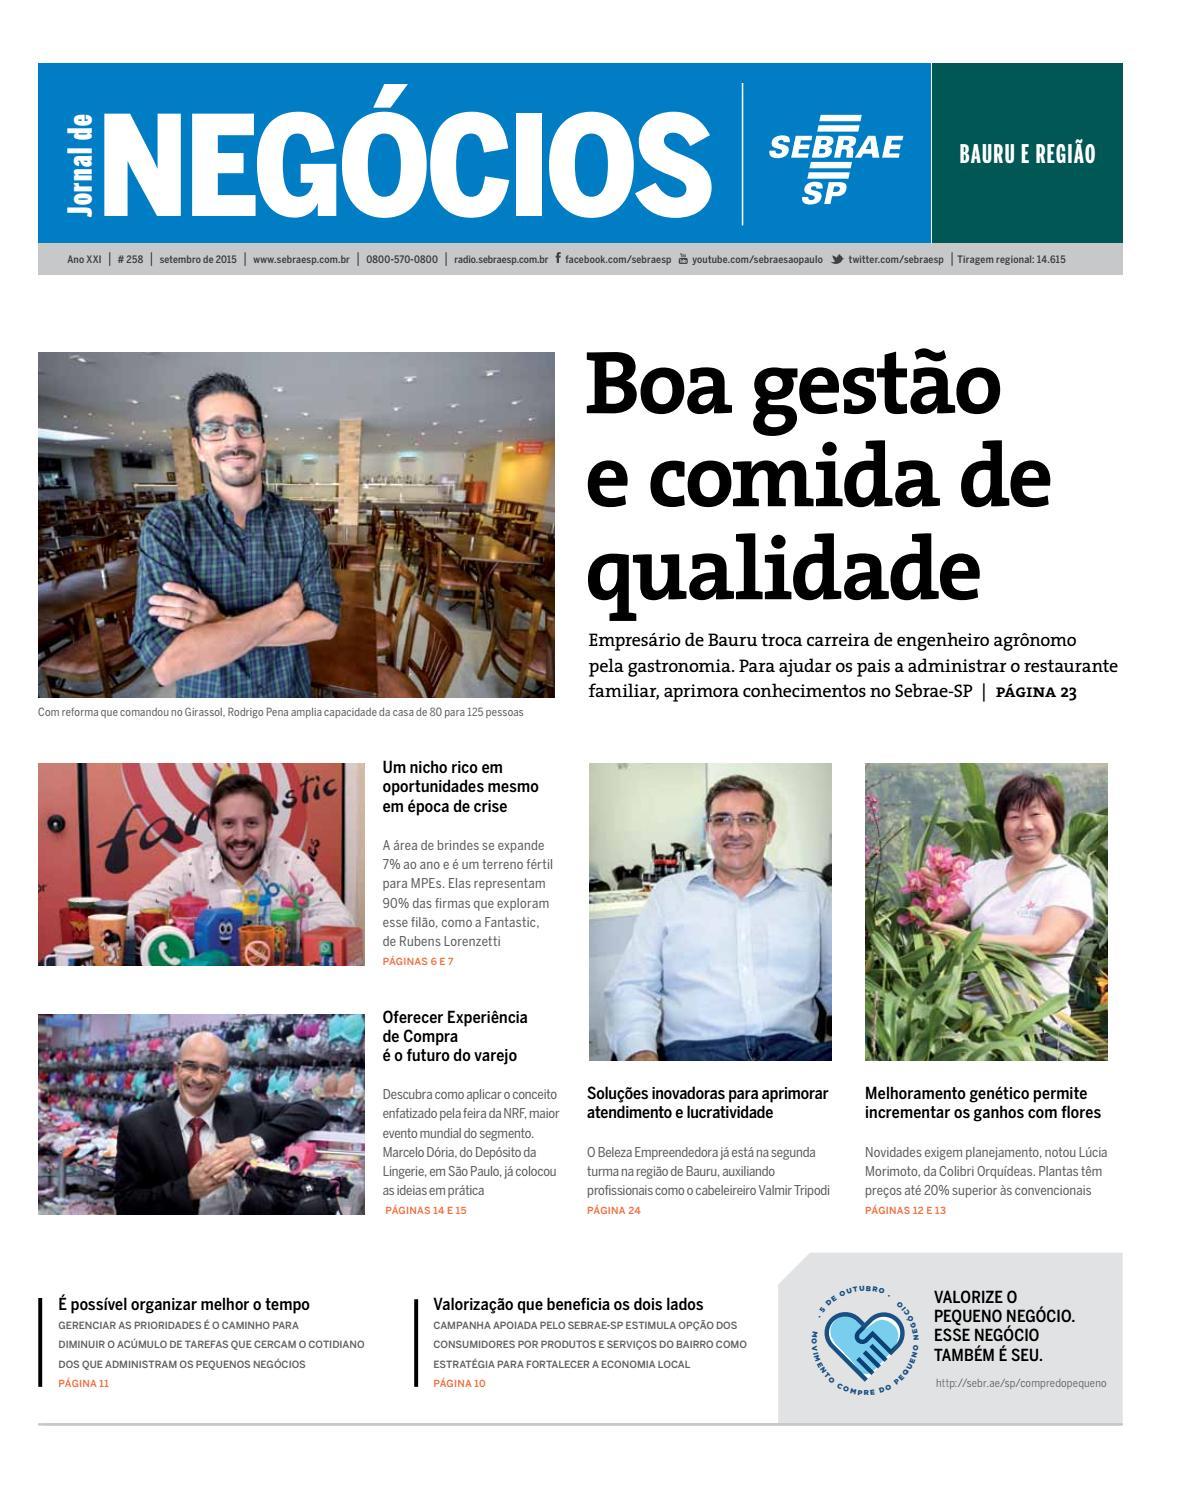 573152074 Jornal de Negócios Sebrae-SP - 01 de setembro de 2015 - Bauru e Região by  Sebrae-SP - issuu